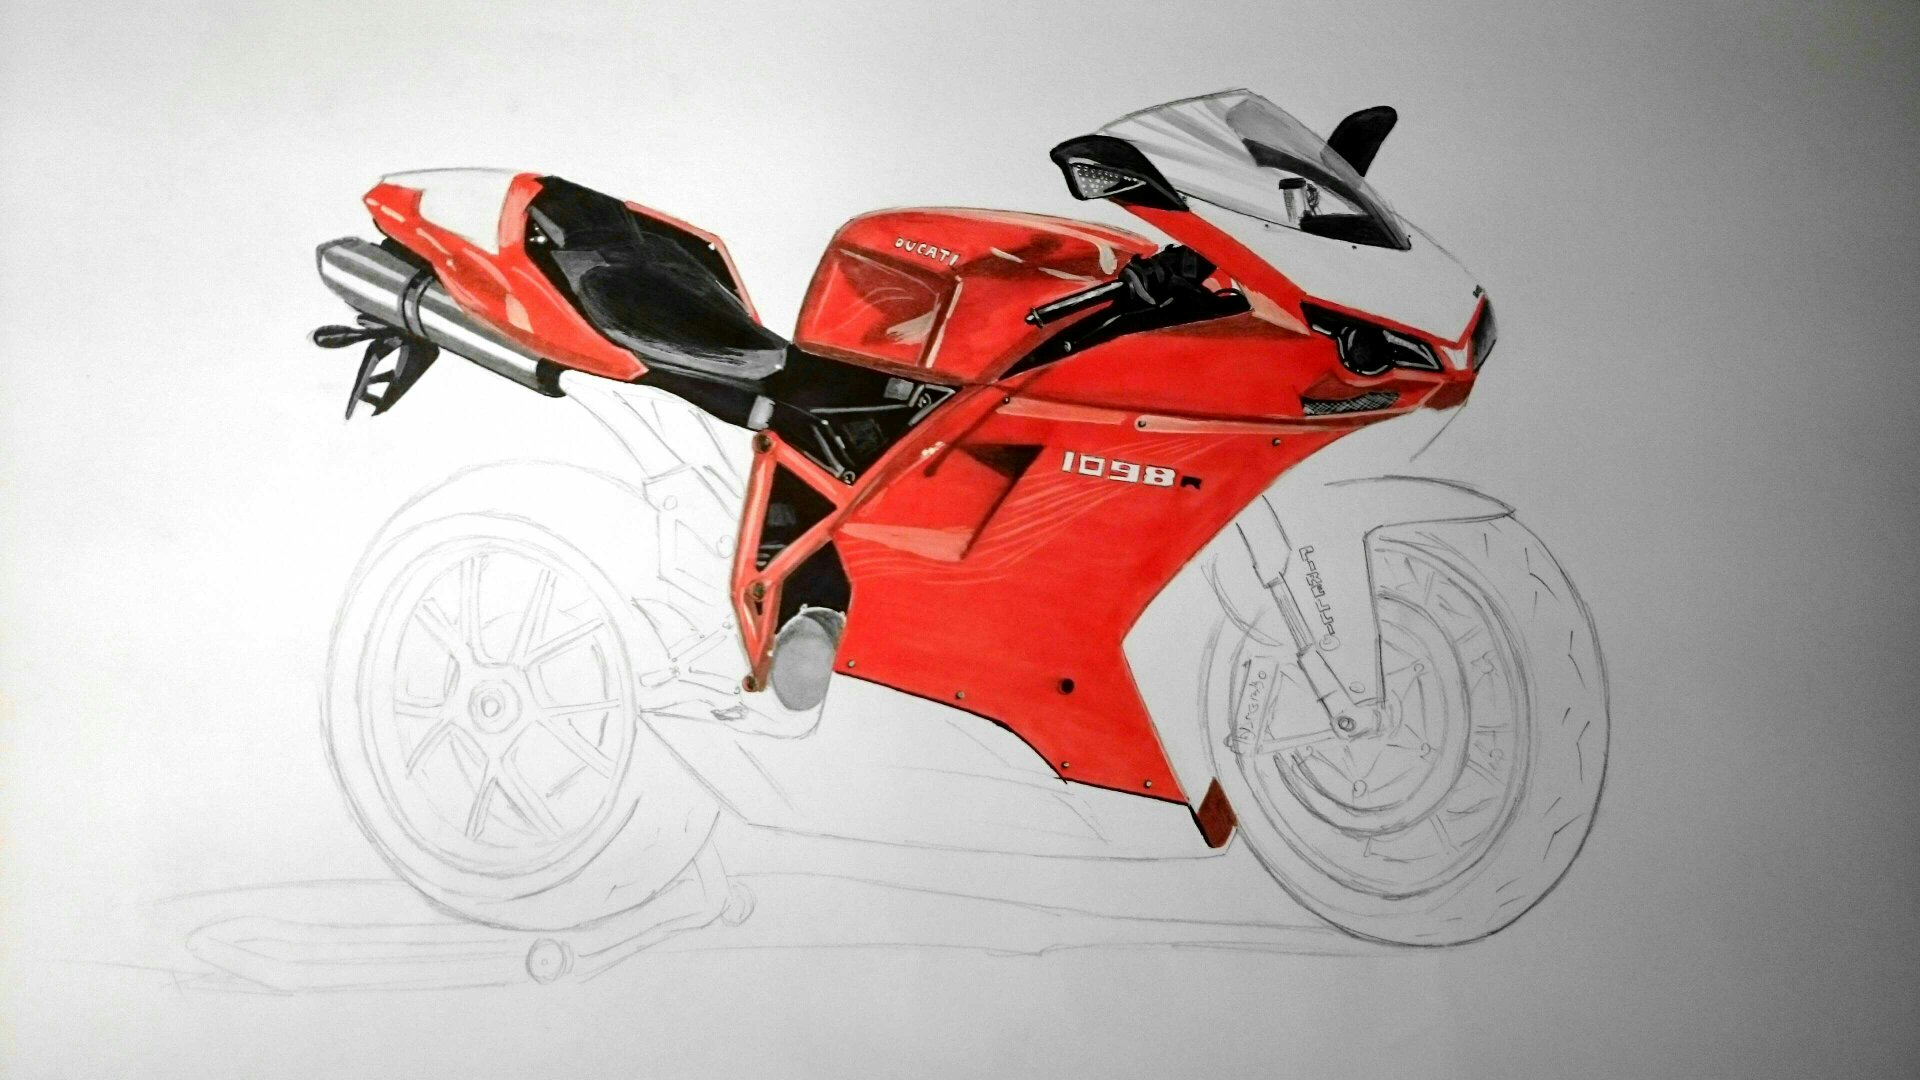 My Ducati 1098r Drawing So Far